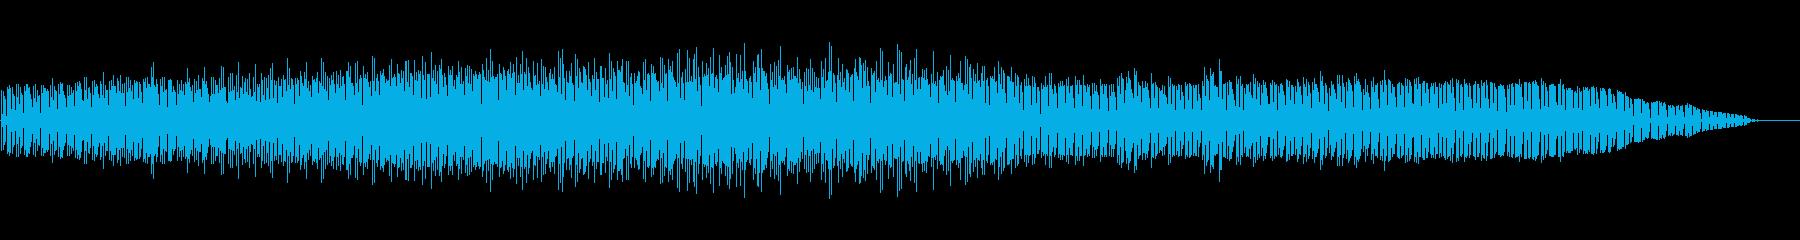 刺激的でややサスペンス的なインスト...の再生済みの波形